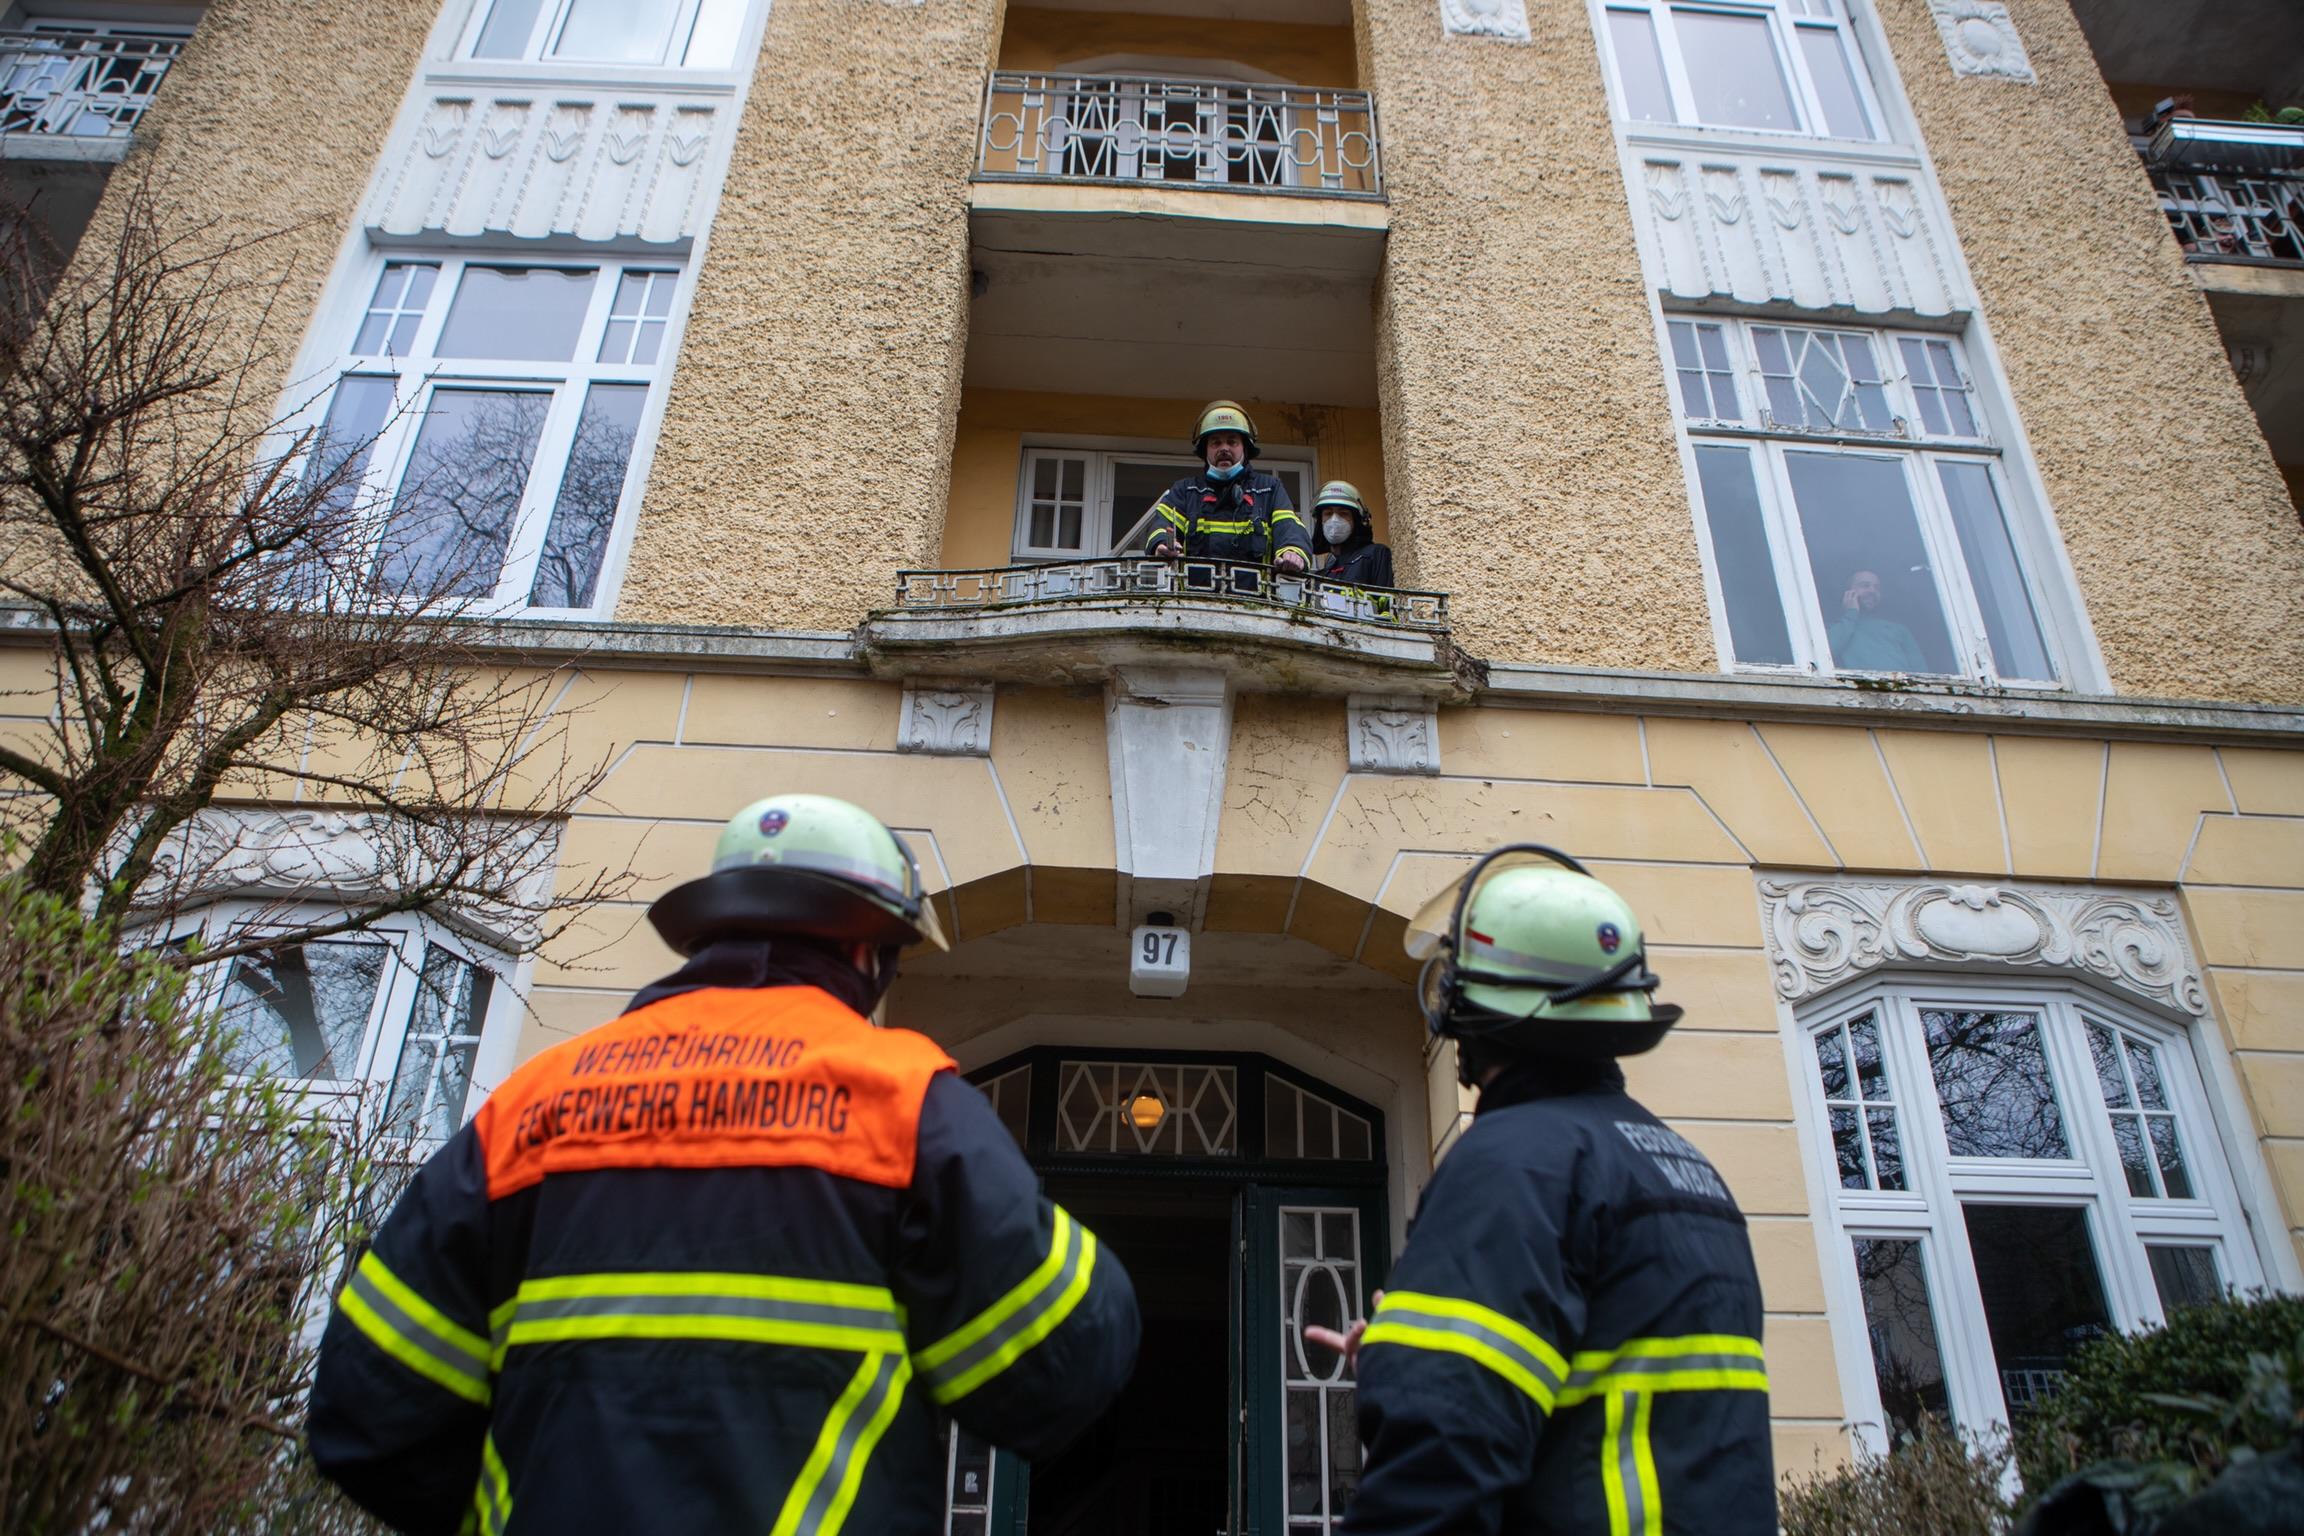 Wegen-Sturm-und-Witterung-Feuerwehr-muss-Schutzdach-vor-Mehrfamilienhaus-bauen